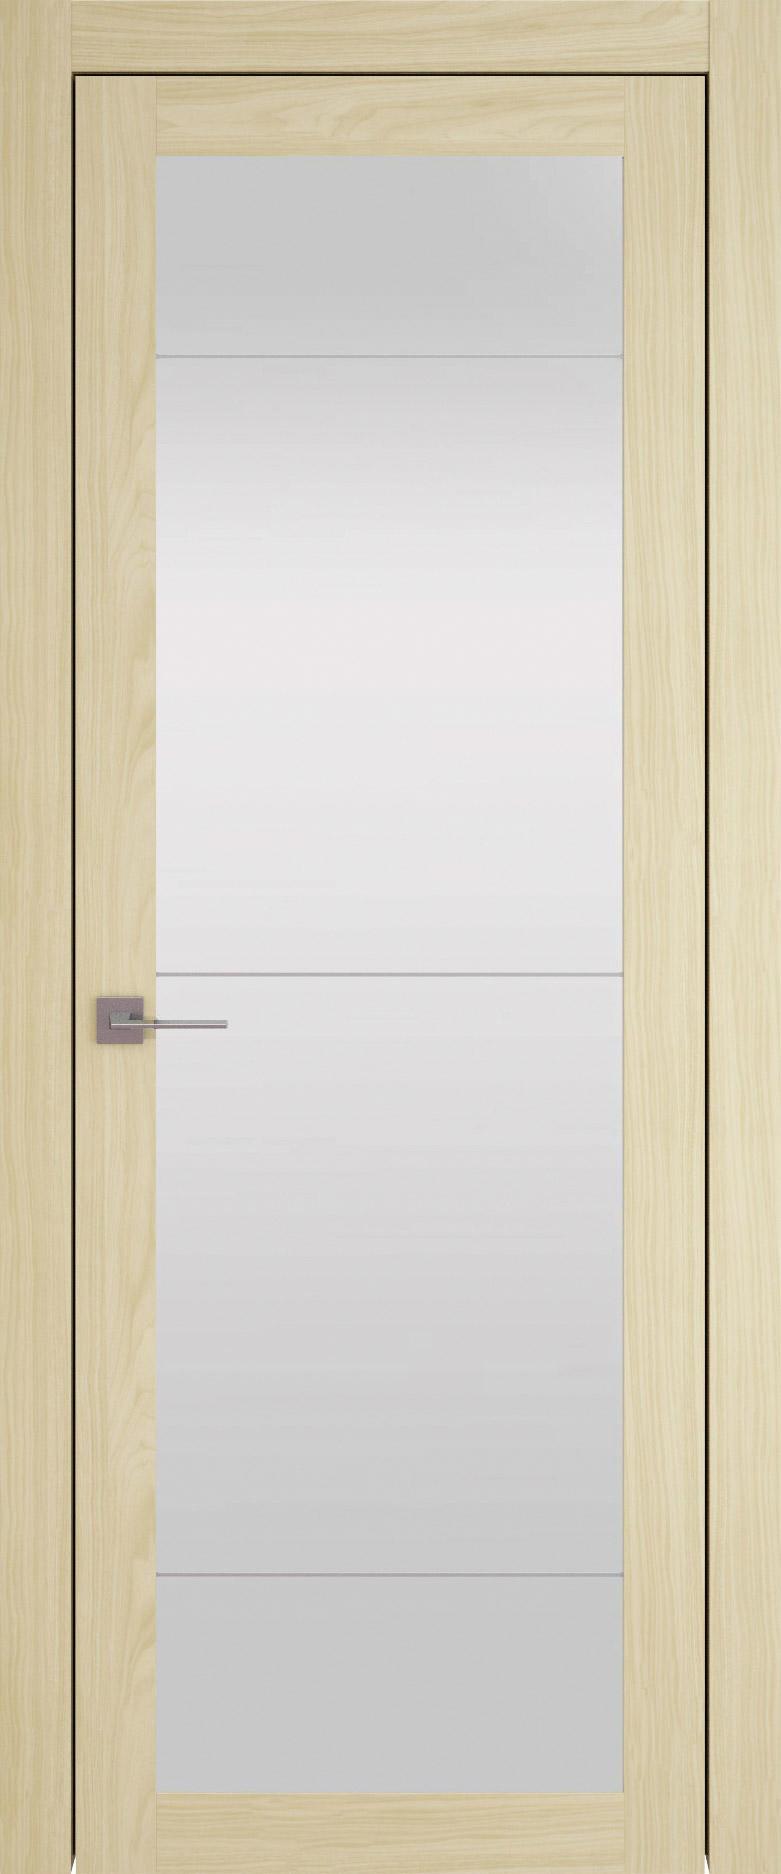 Tivoli З-3 цвет - Дуб нордик Со стеклом (ДО)